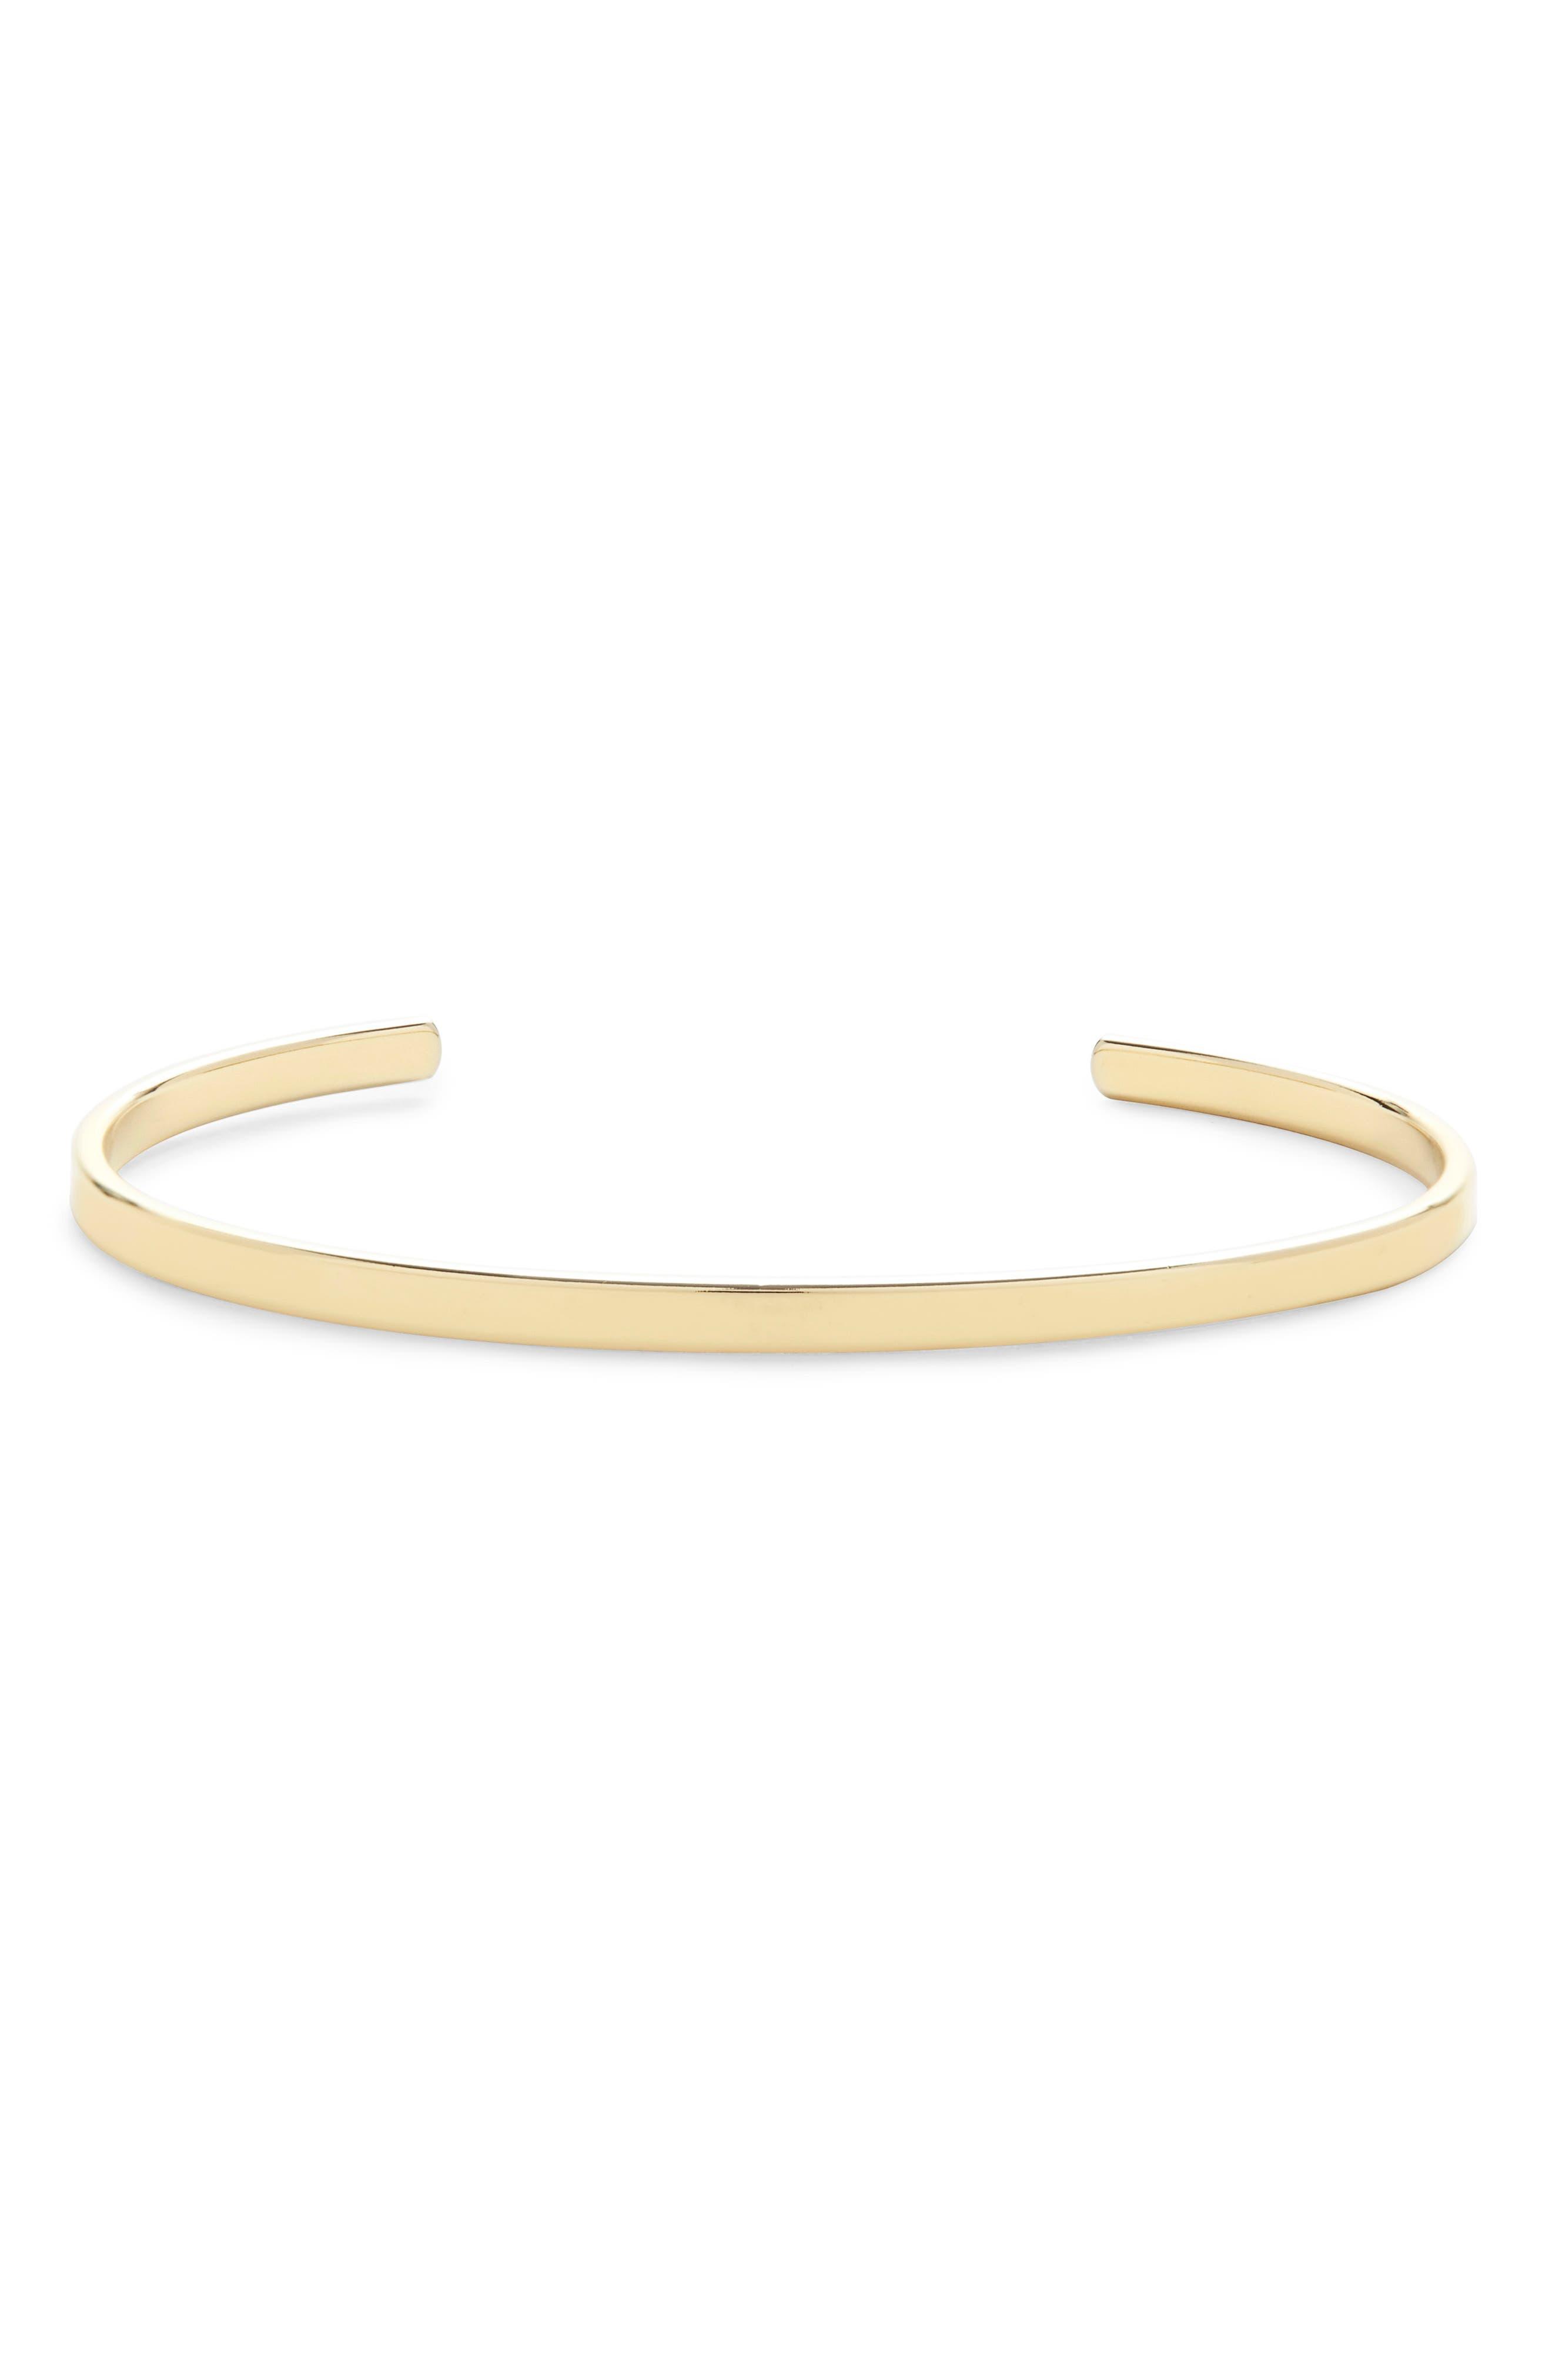 Lexi Cuff Bracelet